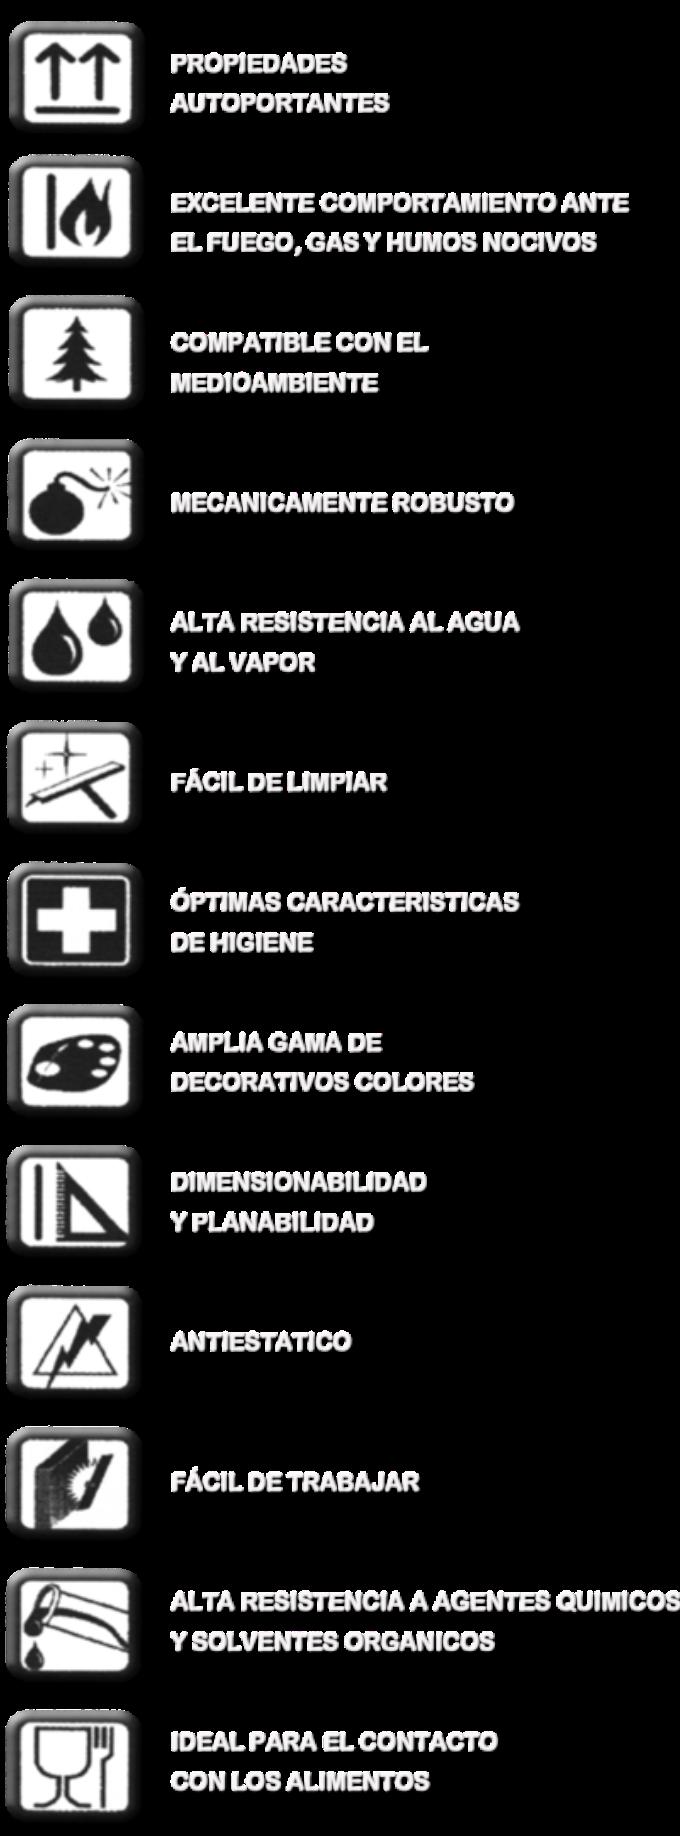 Características técnicas del tablero compacto